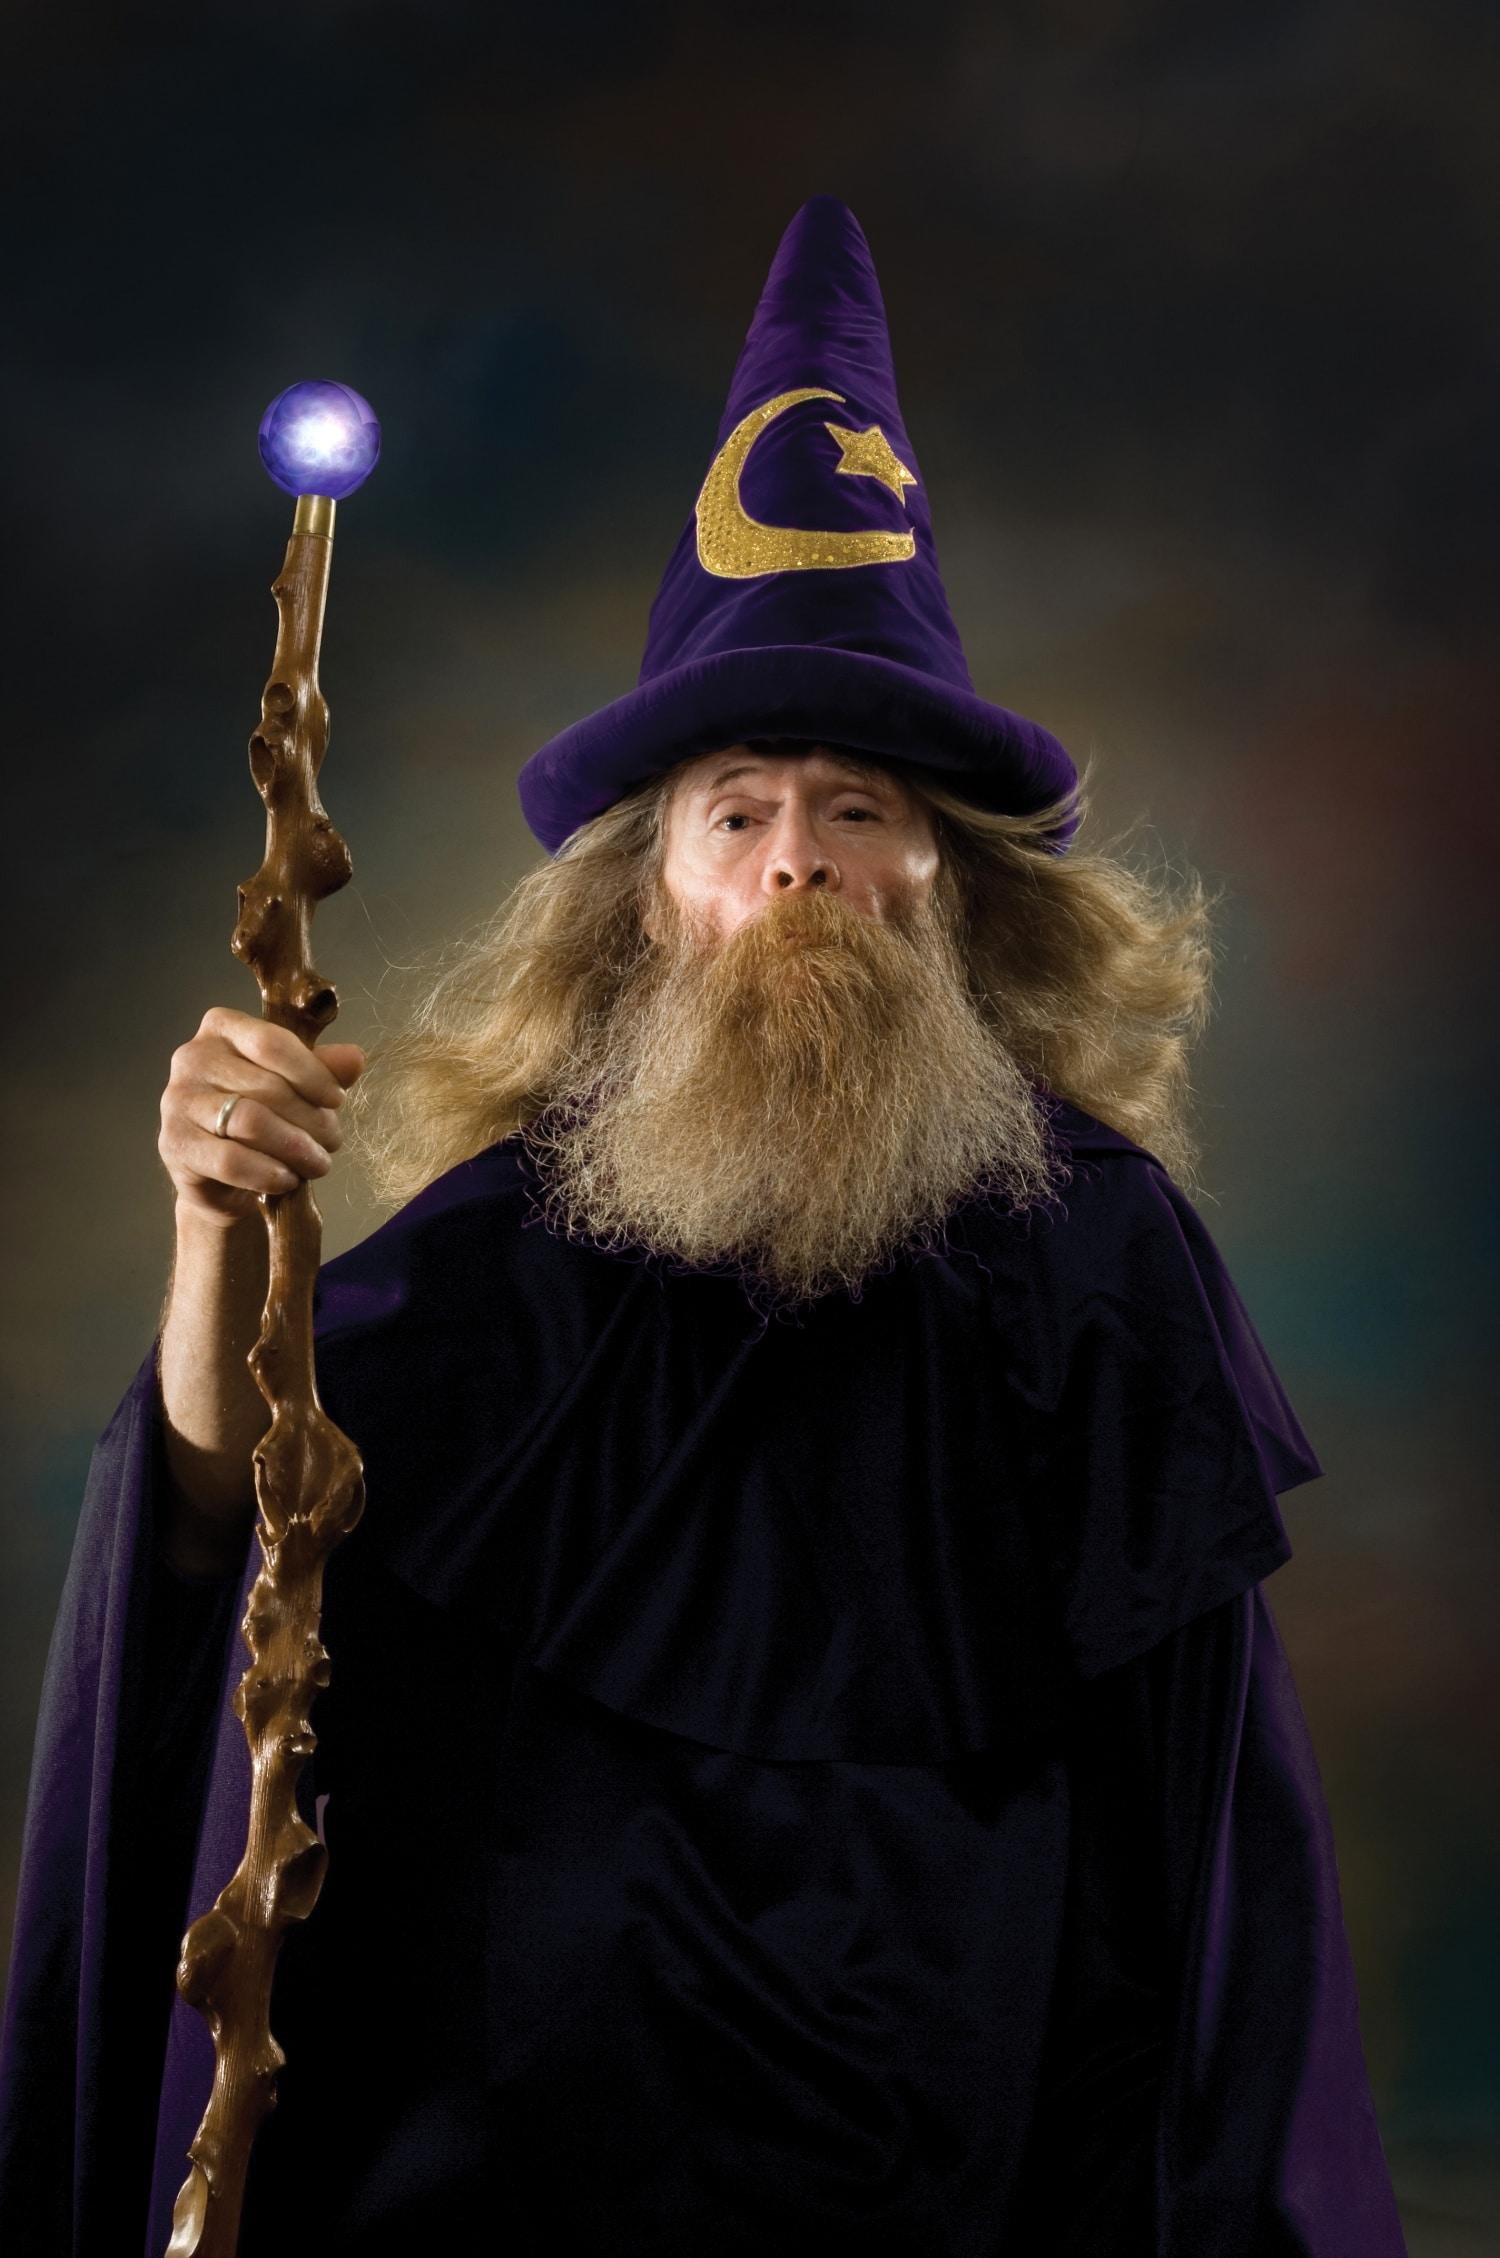 Így lehetsz te is varázsló ‒ Merlin, a mágus tanításai